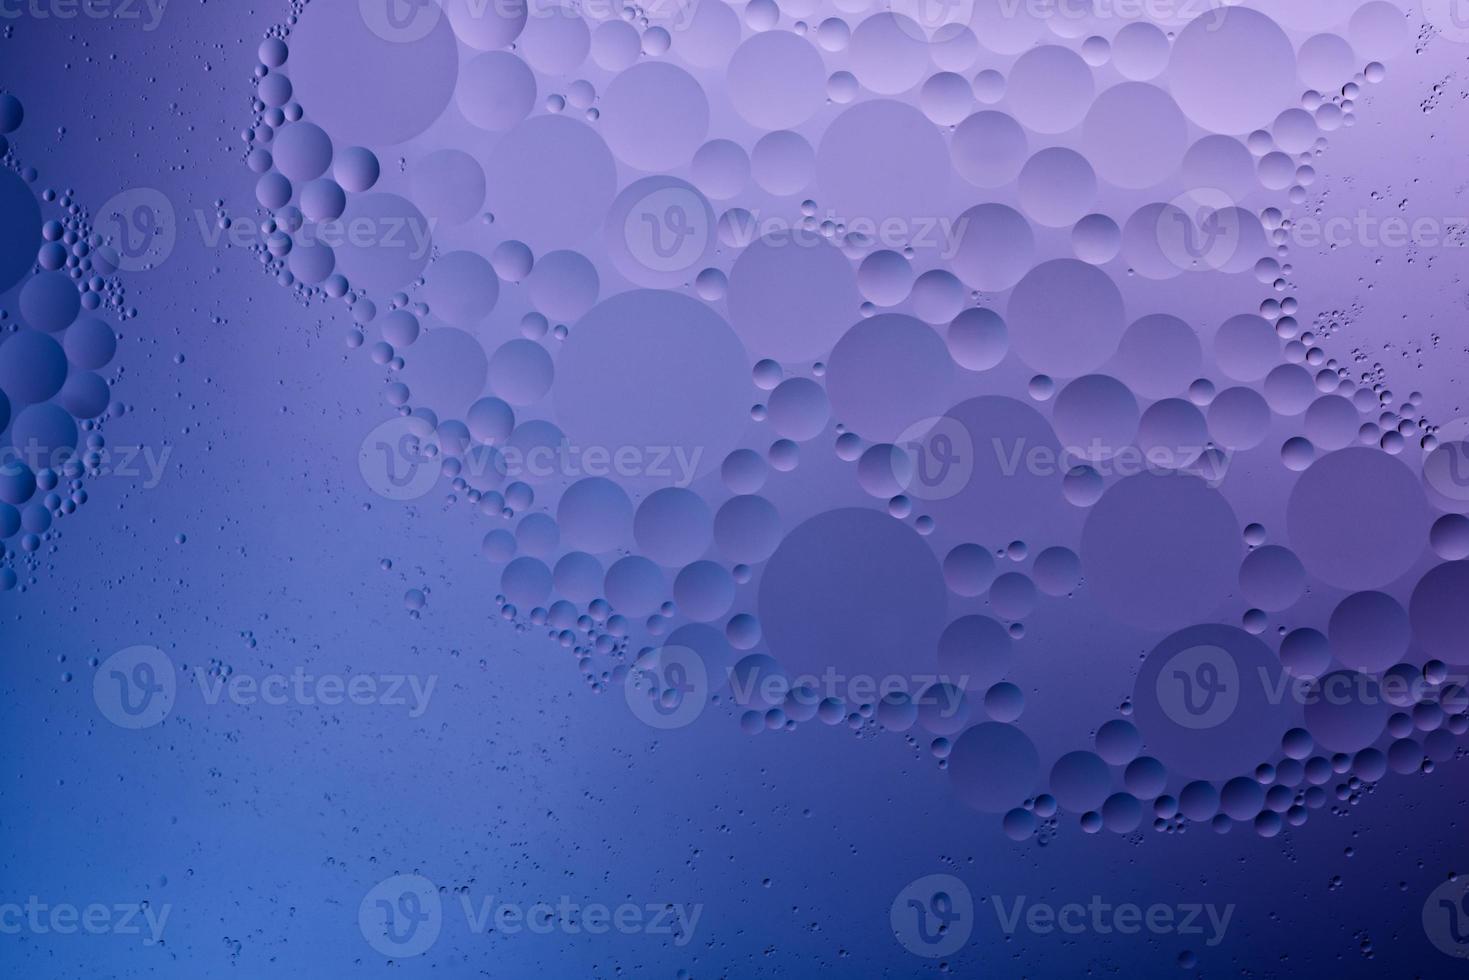 agua y aceite, fondo abstracto de color basado en círculos y óvalos de color azul, morado y neón, abstracción macro, foto real.